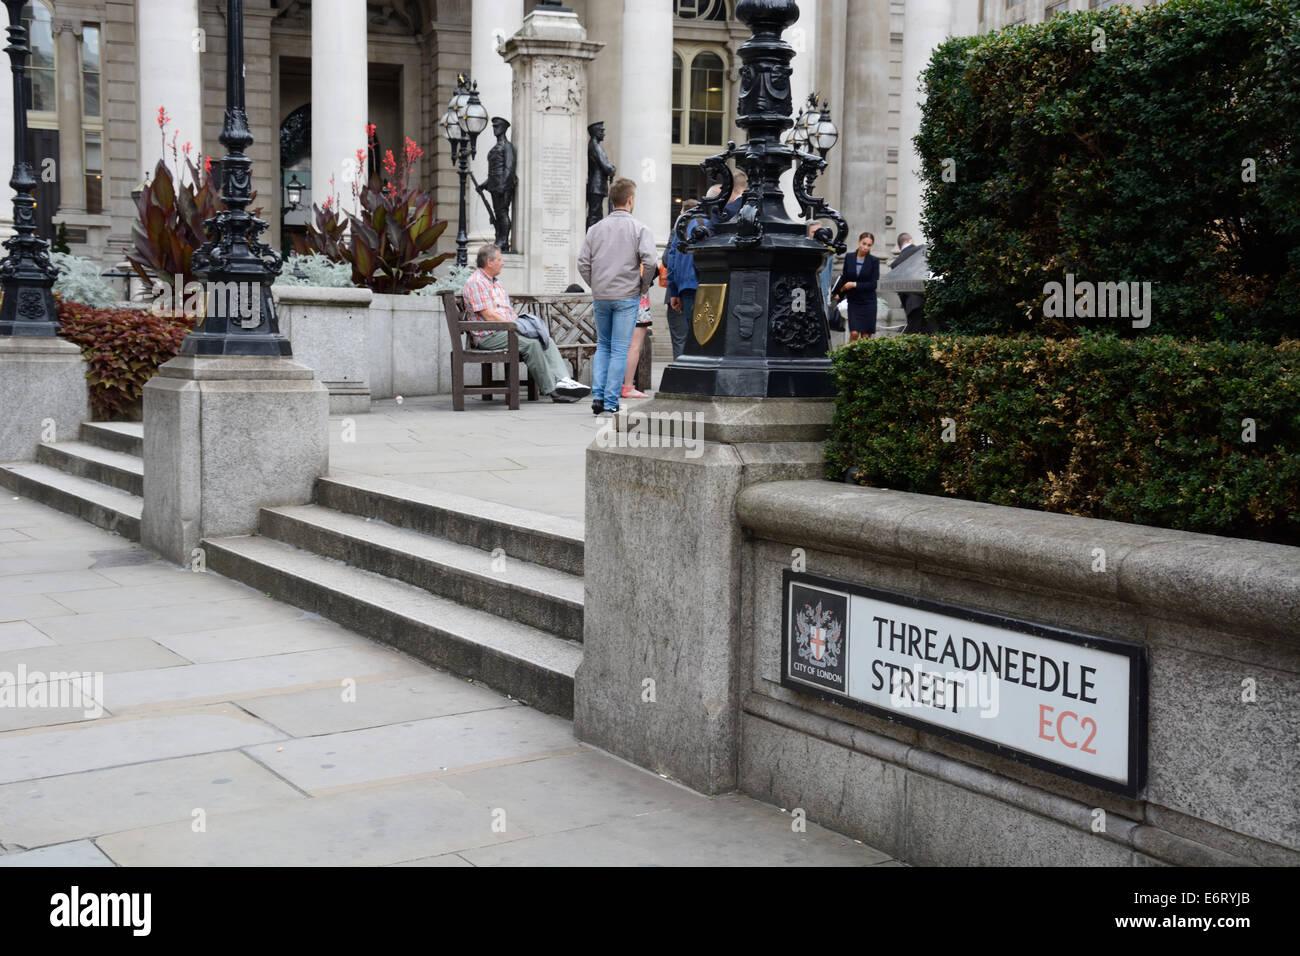 Threadneedle Street, Street sign. - Stock Image